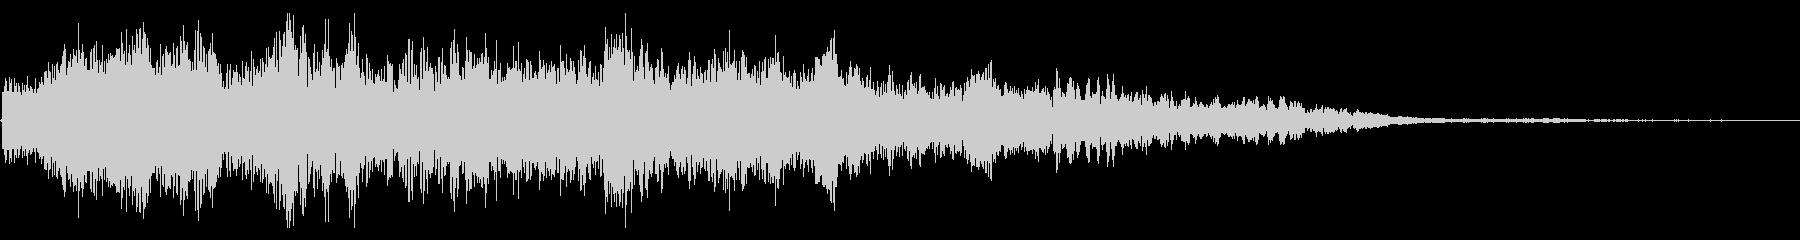 ゲーム機の起動音サウンドの未再生の波形